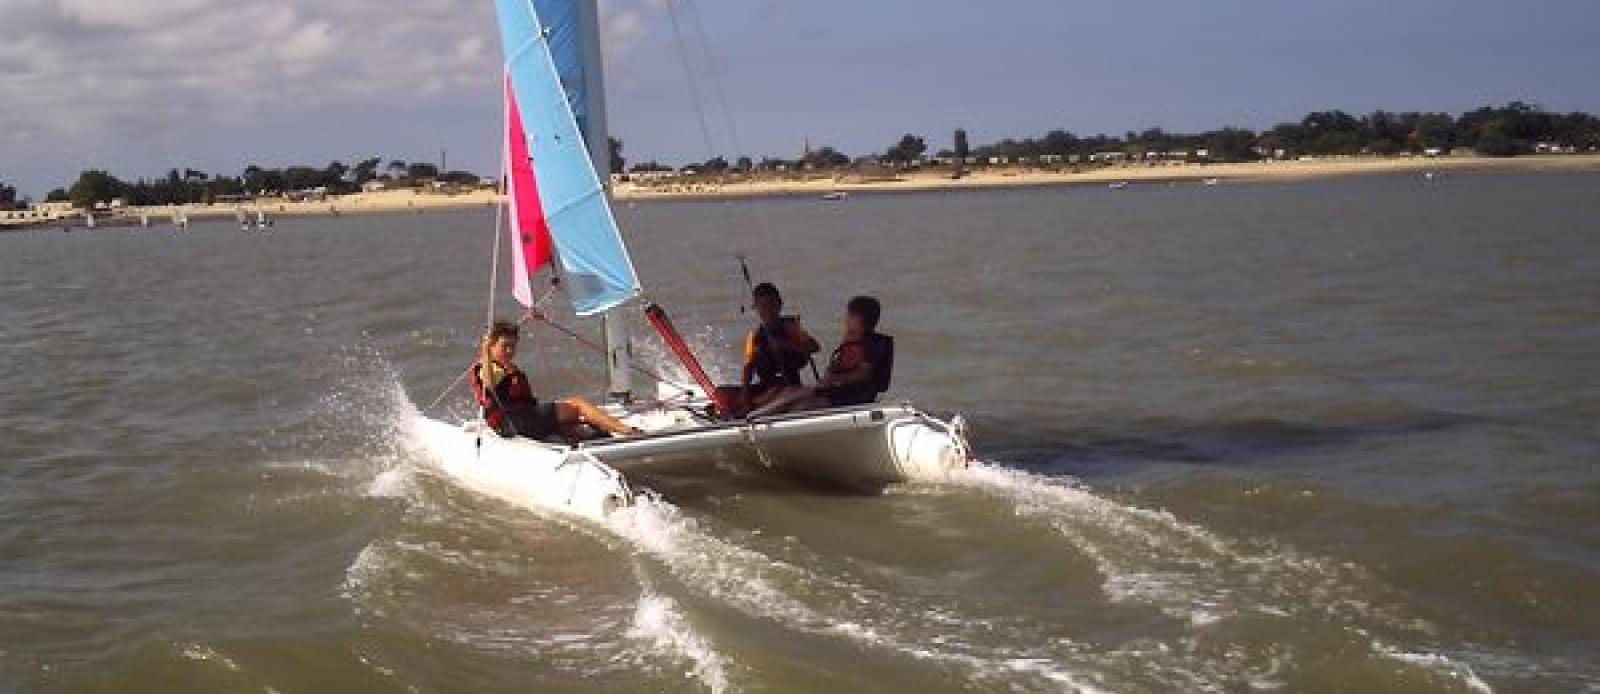 Le Verdon - Cercle nautique4